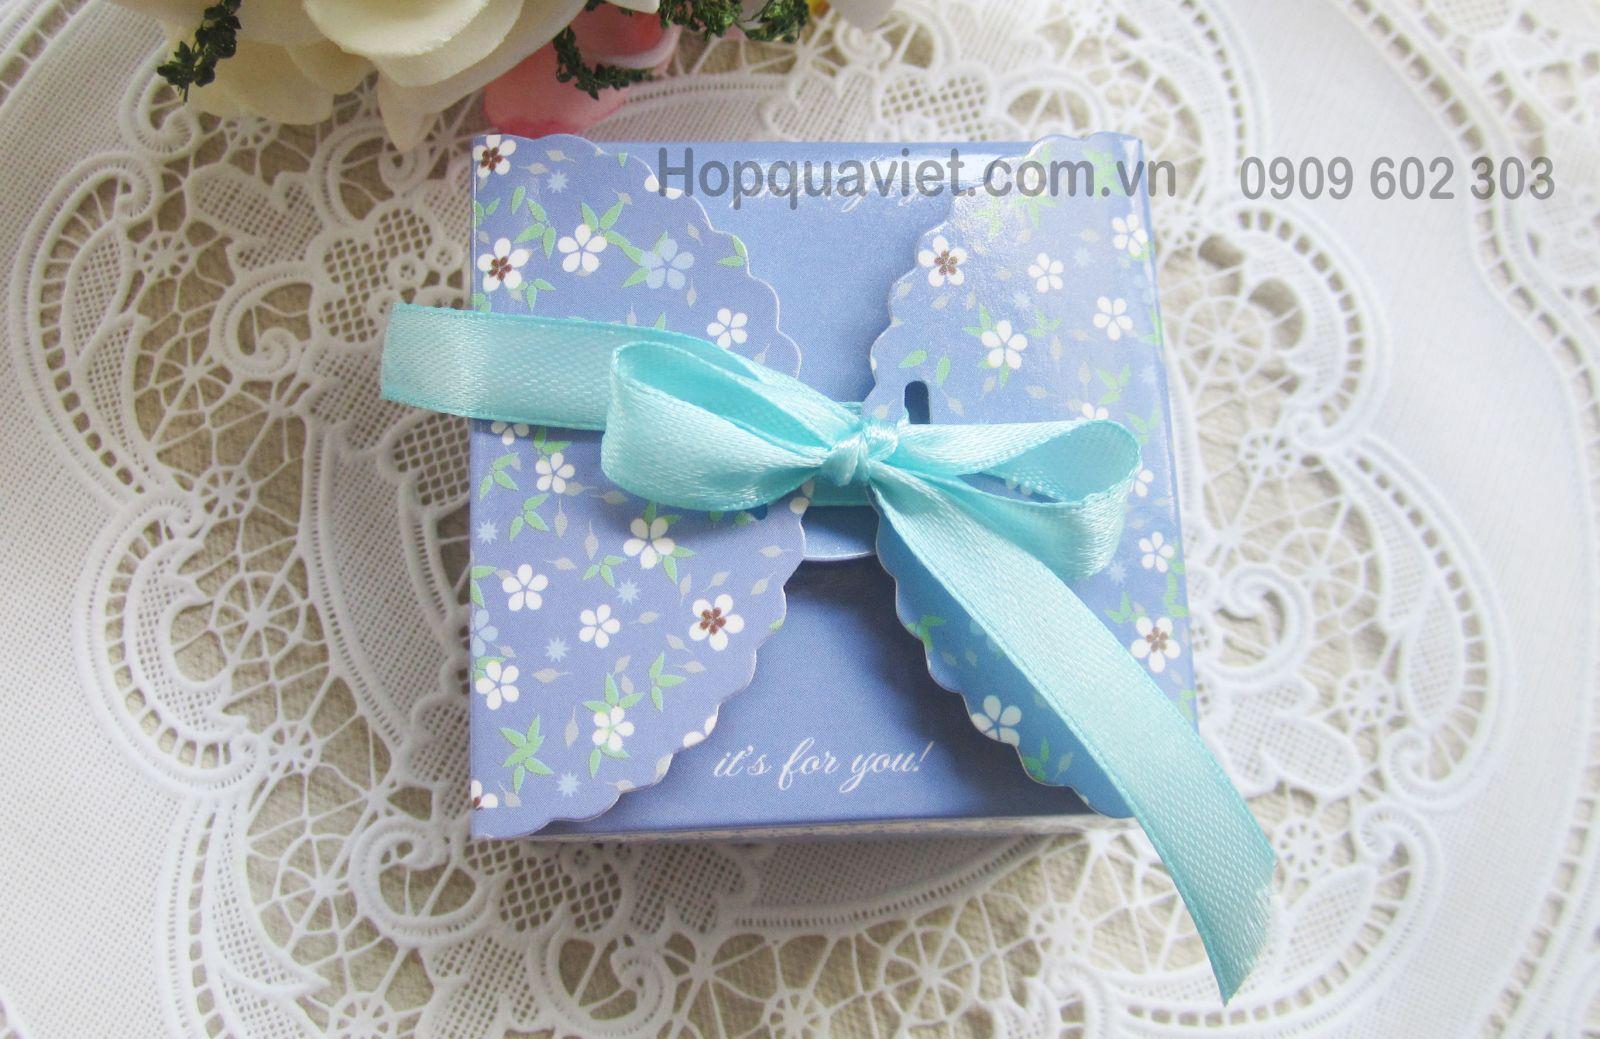 Hộp quà cưới vuông hoa tím 8T